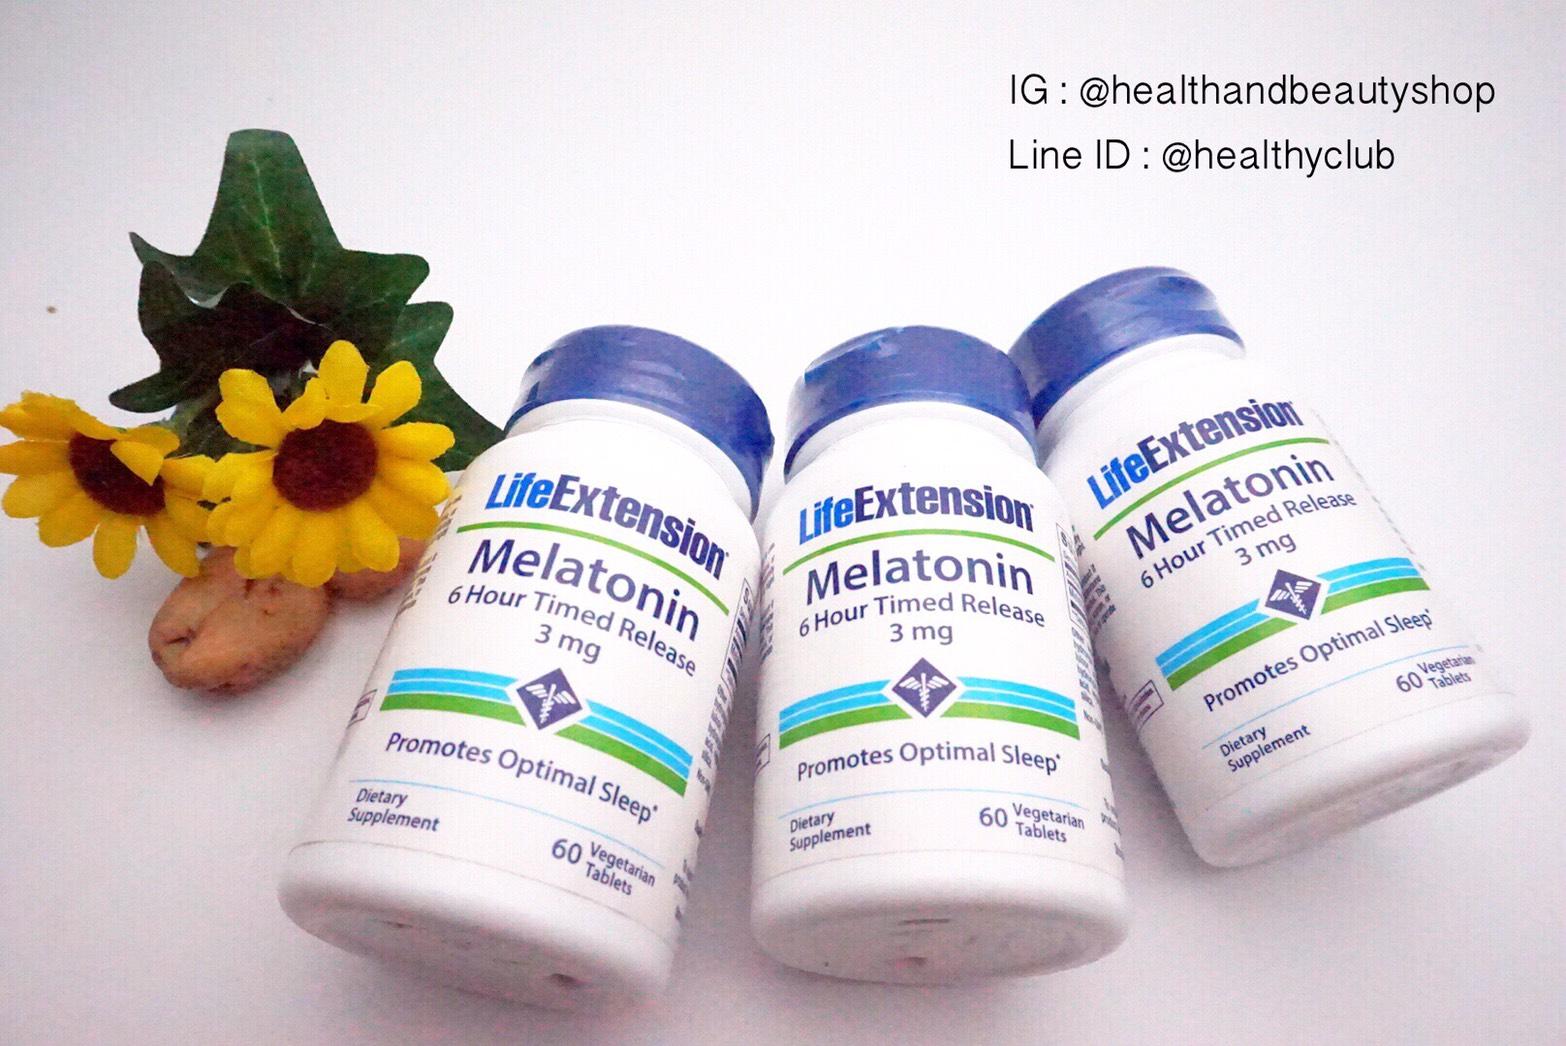 # แบรนด์ Hi # Life Extension, Melatonin, 6 Hour Timed Release, 3 mg, 60 Veggie Tabs